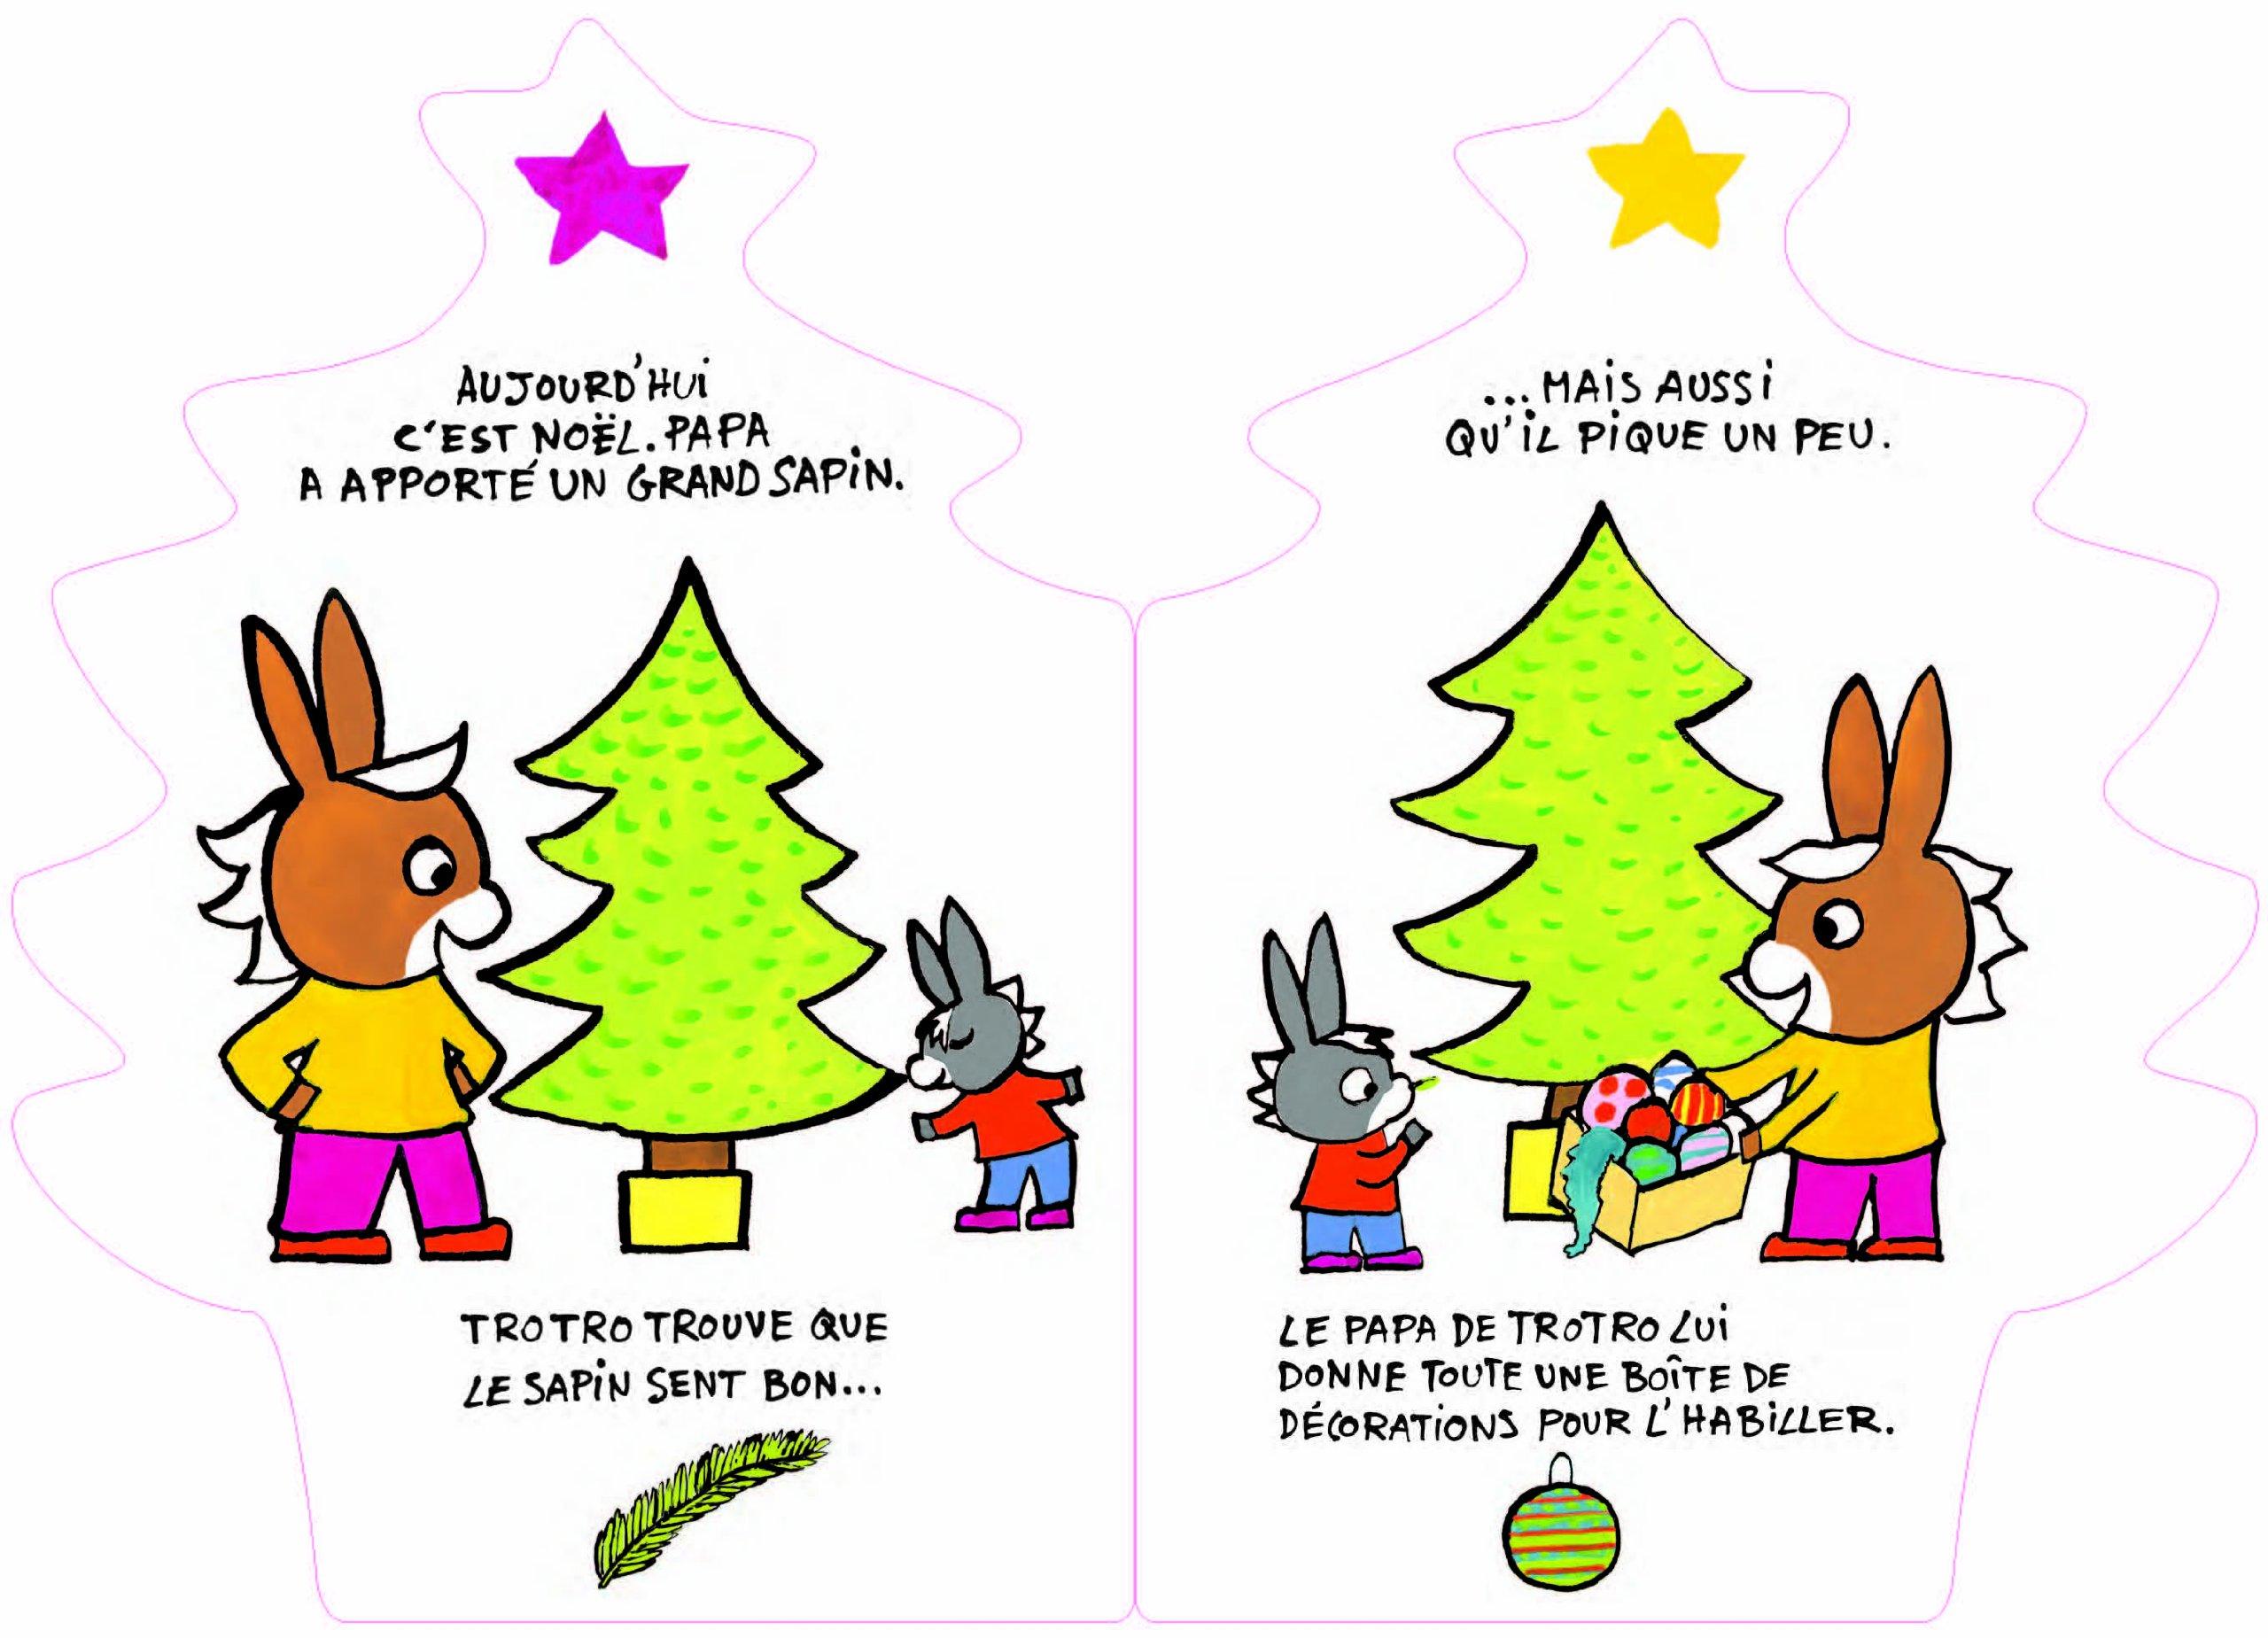 Trotro decore le sapin de noel cadeaux de no l populaires - Trotro et noel ...